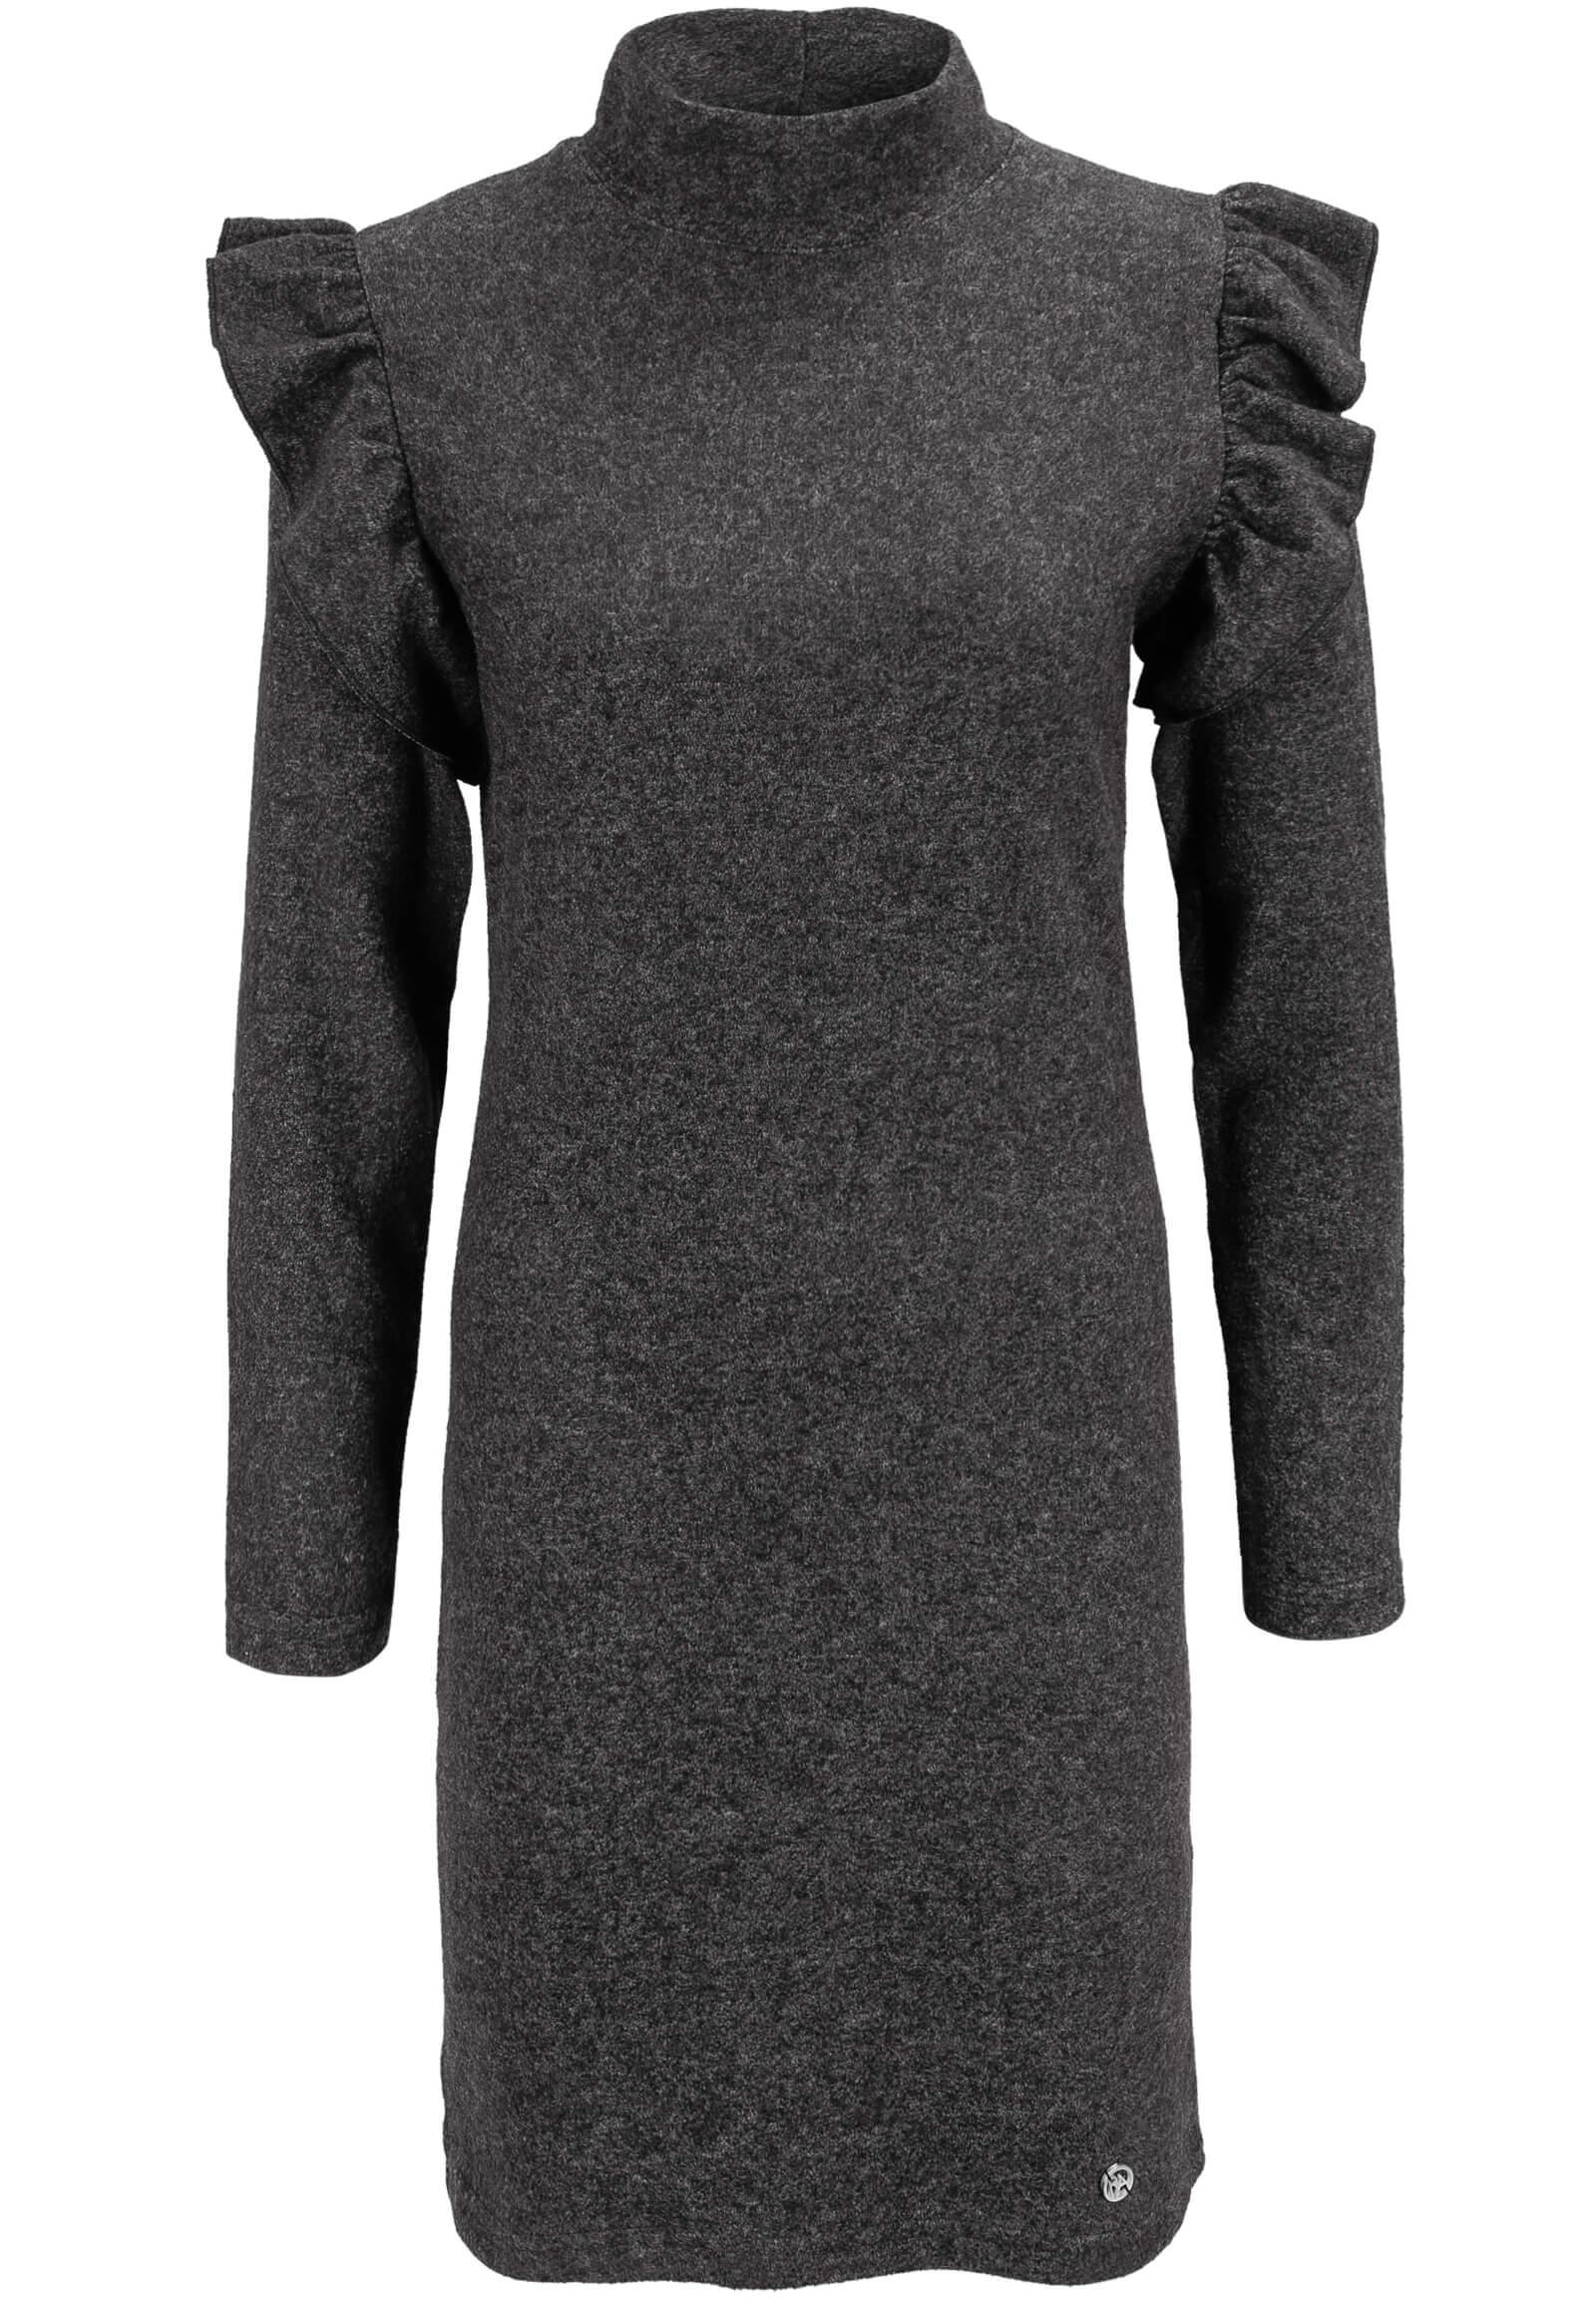 dunkel-graues Strick-Kleid